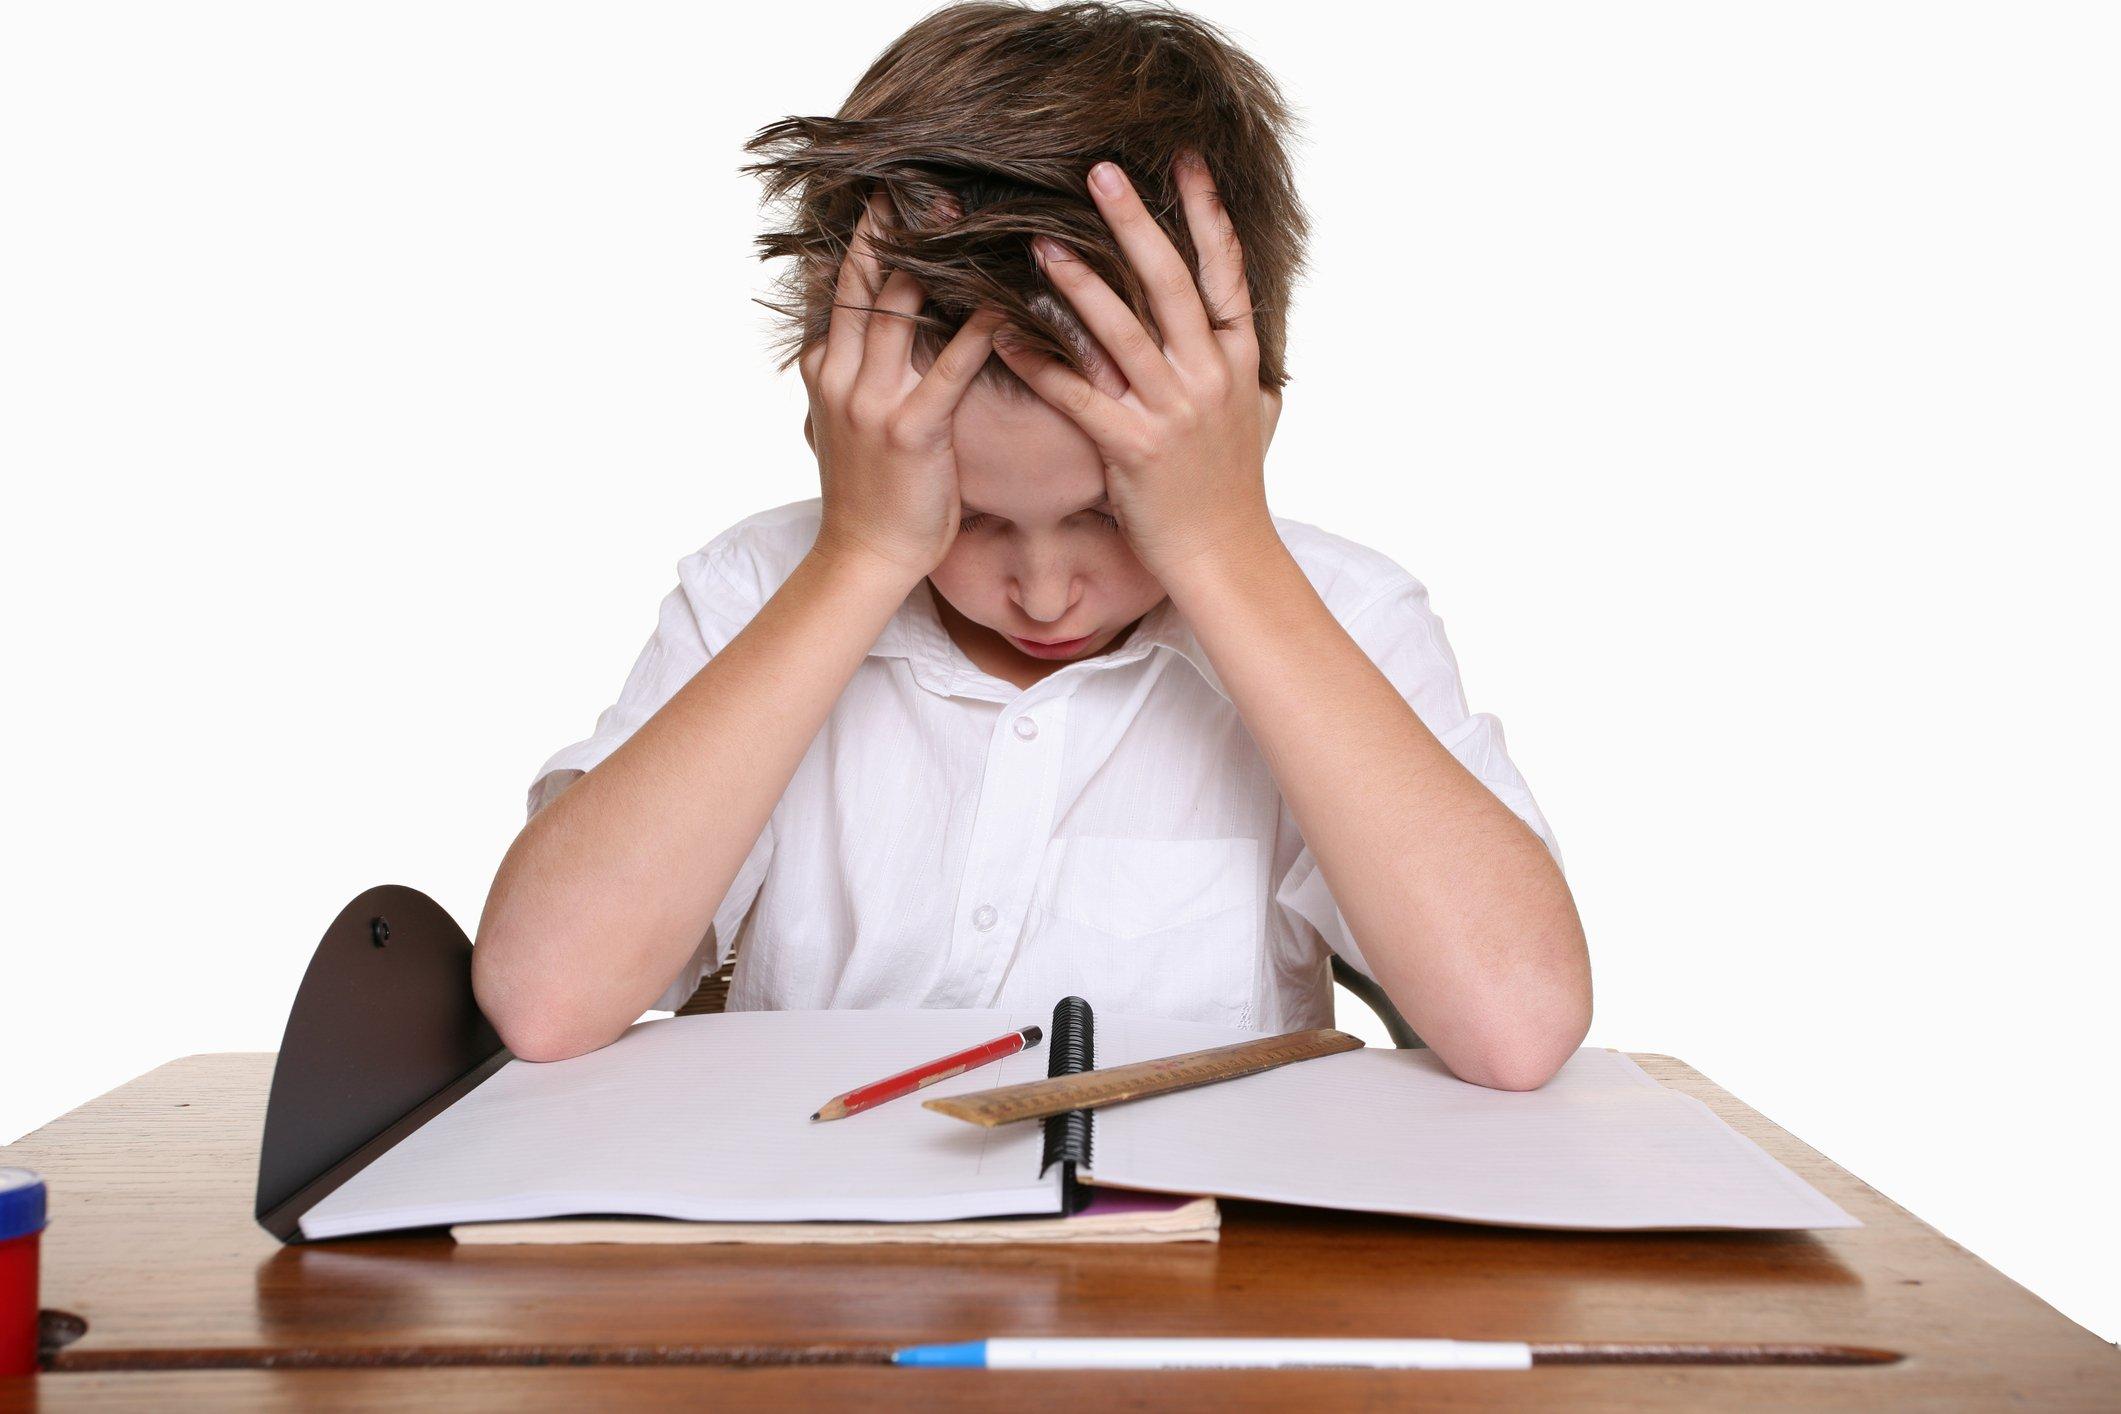 السبب وراء الفشل في الدراسة